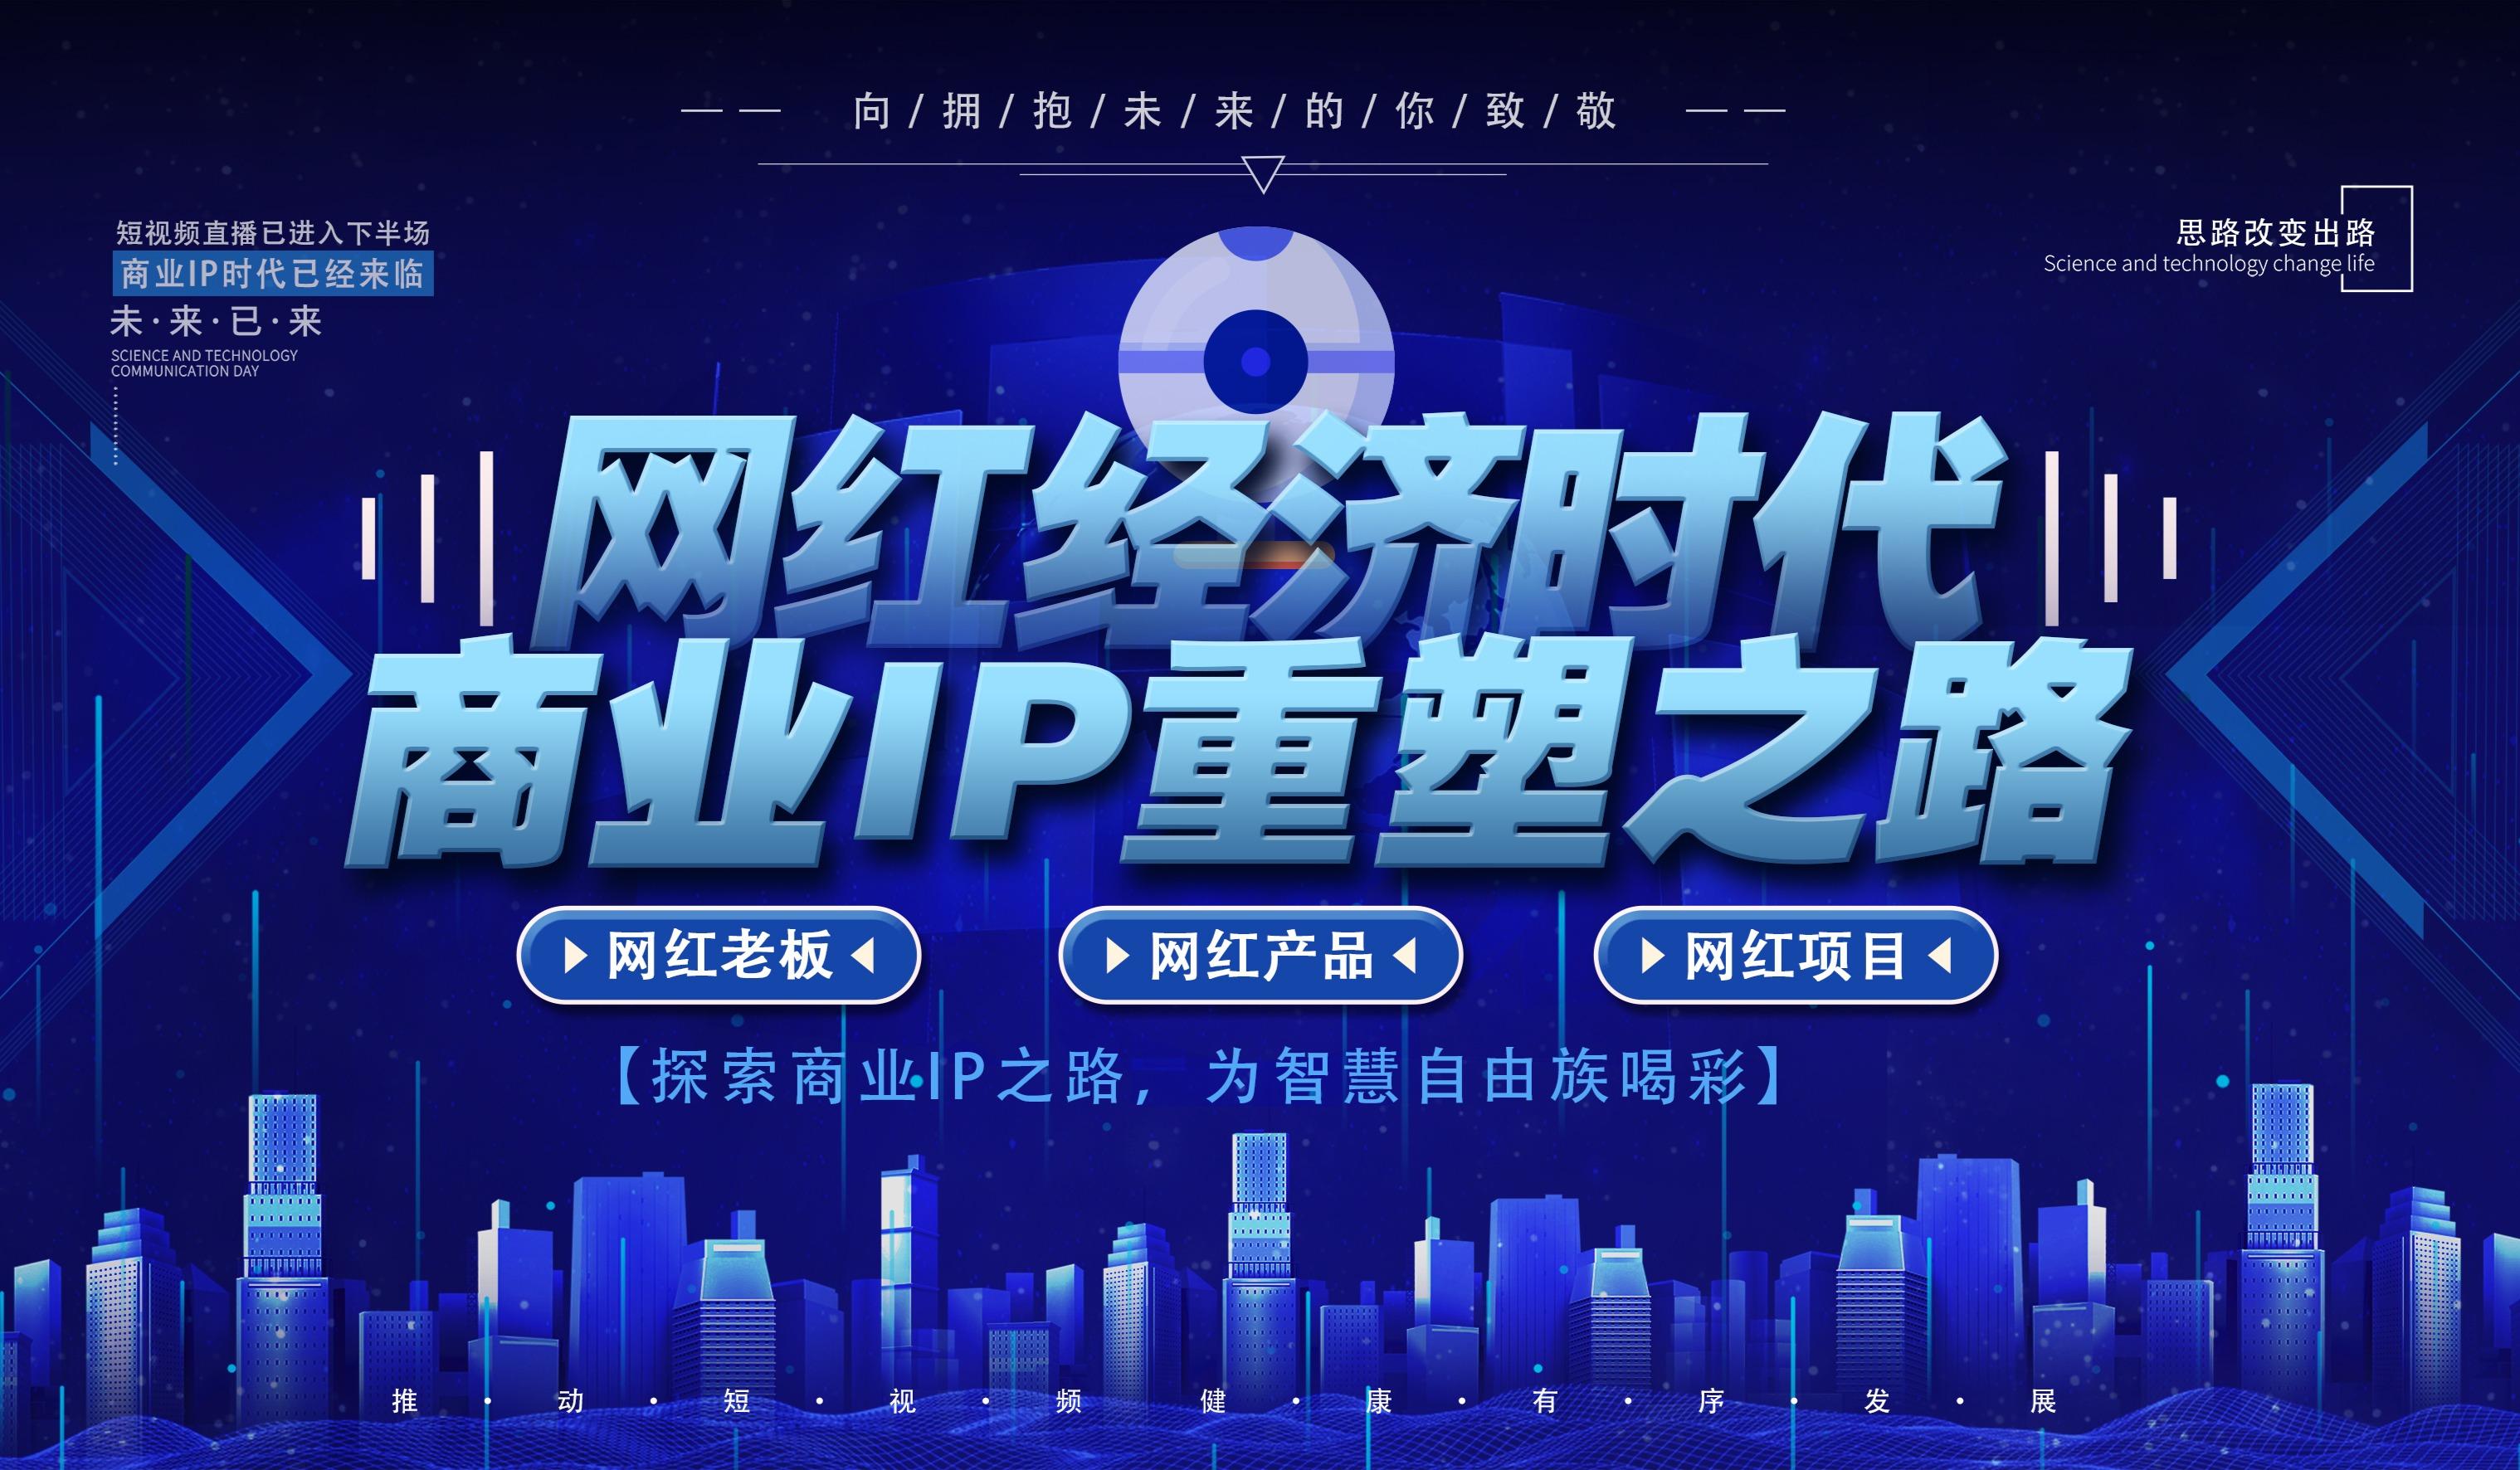 欢迎报名参加杭州【创业者企业家网红商业IP】沙龙,报名即可获得价值988元个人形象照拍摄